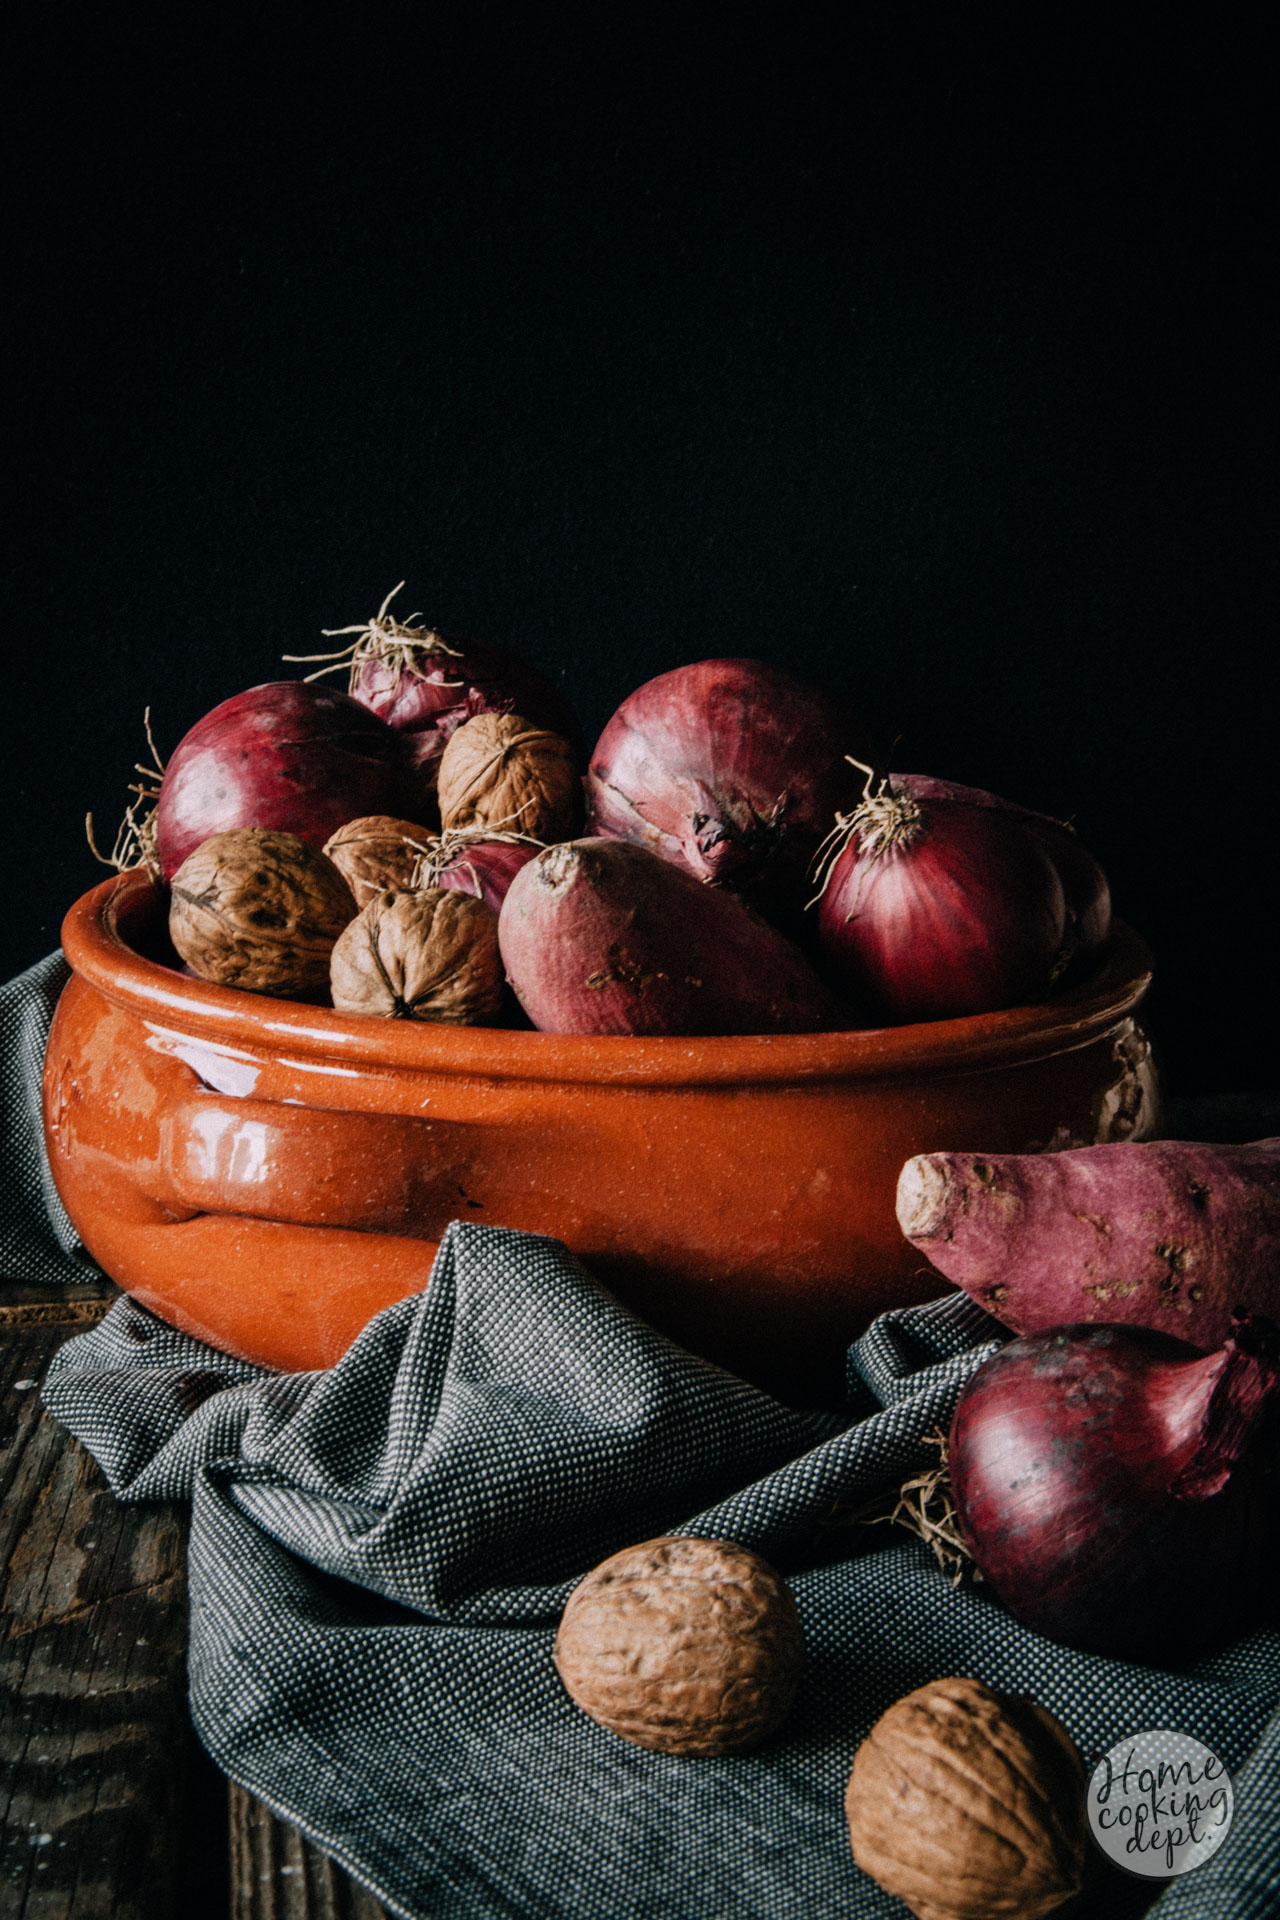 geroosterde zoete aardappel / Homecooking dept.